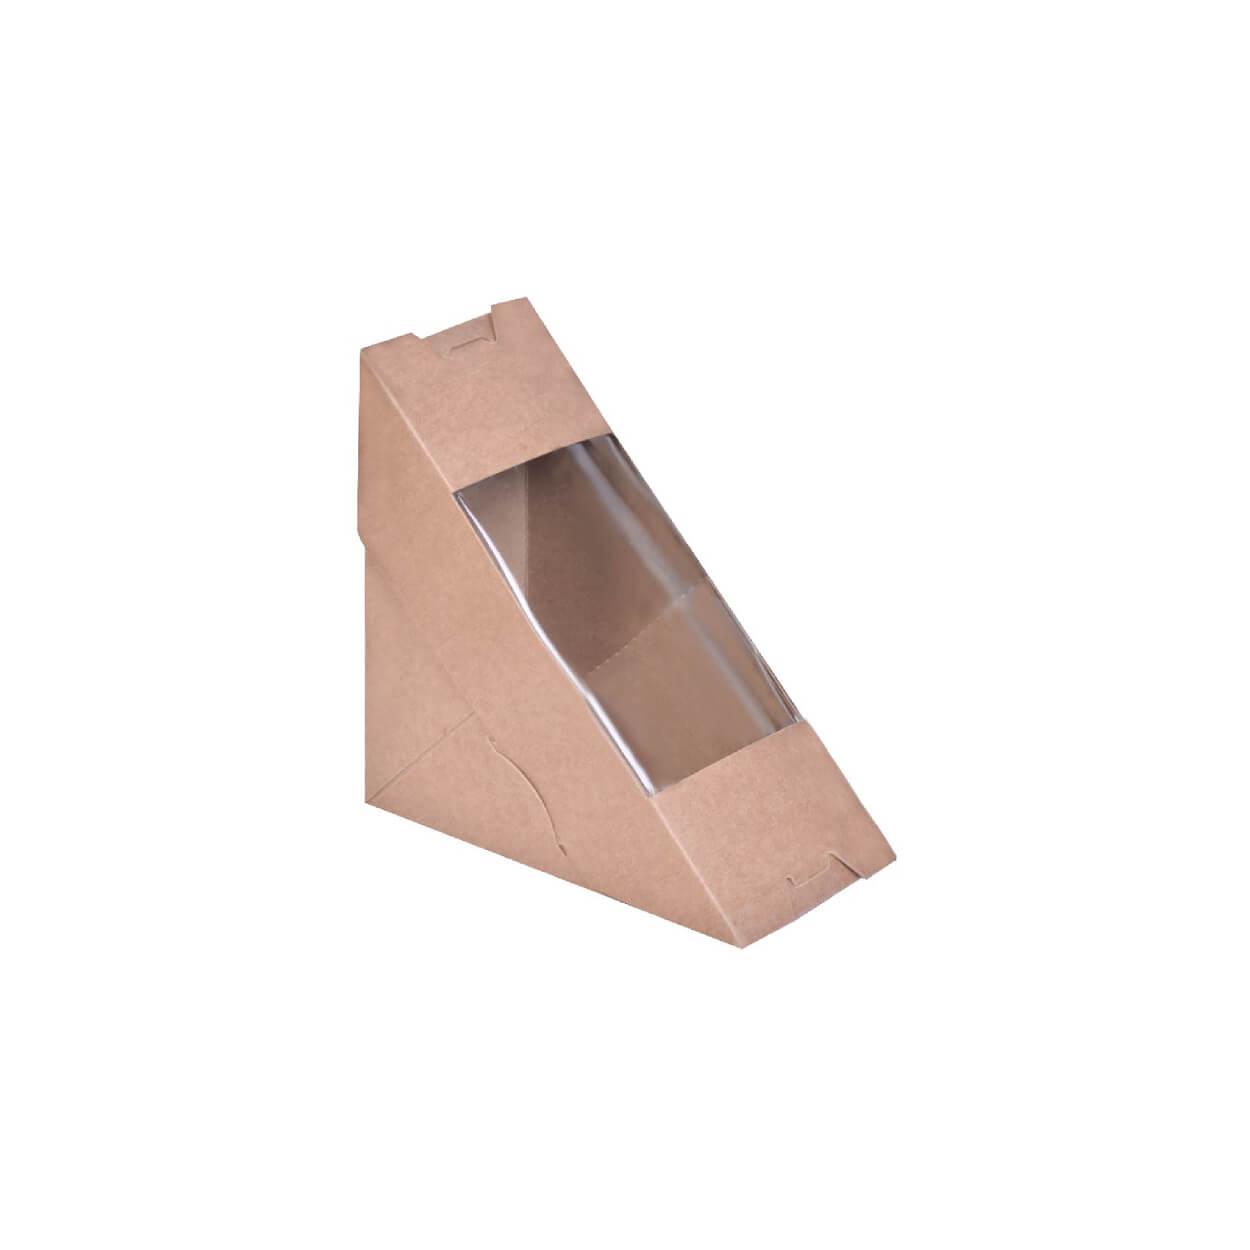 ΘΗΚΗ ΤΡΙΓΩΝΙΚΗ SANDWICH, ΜΕ ΠΑΡΑΘΥΡΟ, KRAFT  12,5×7,5×17,5εκ